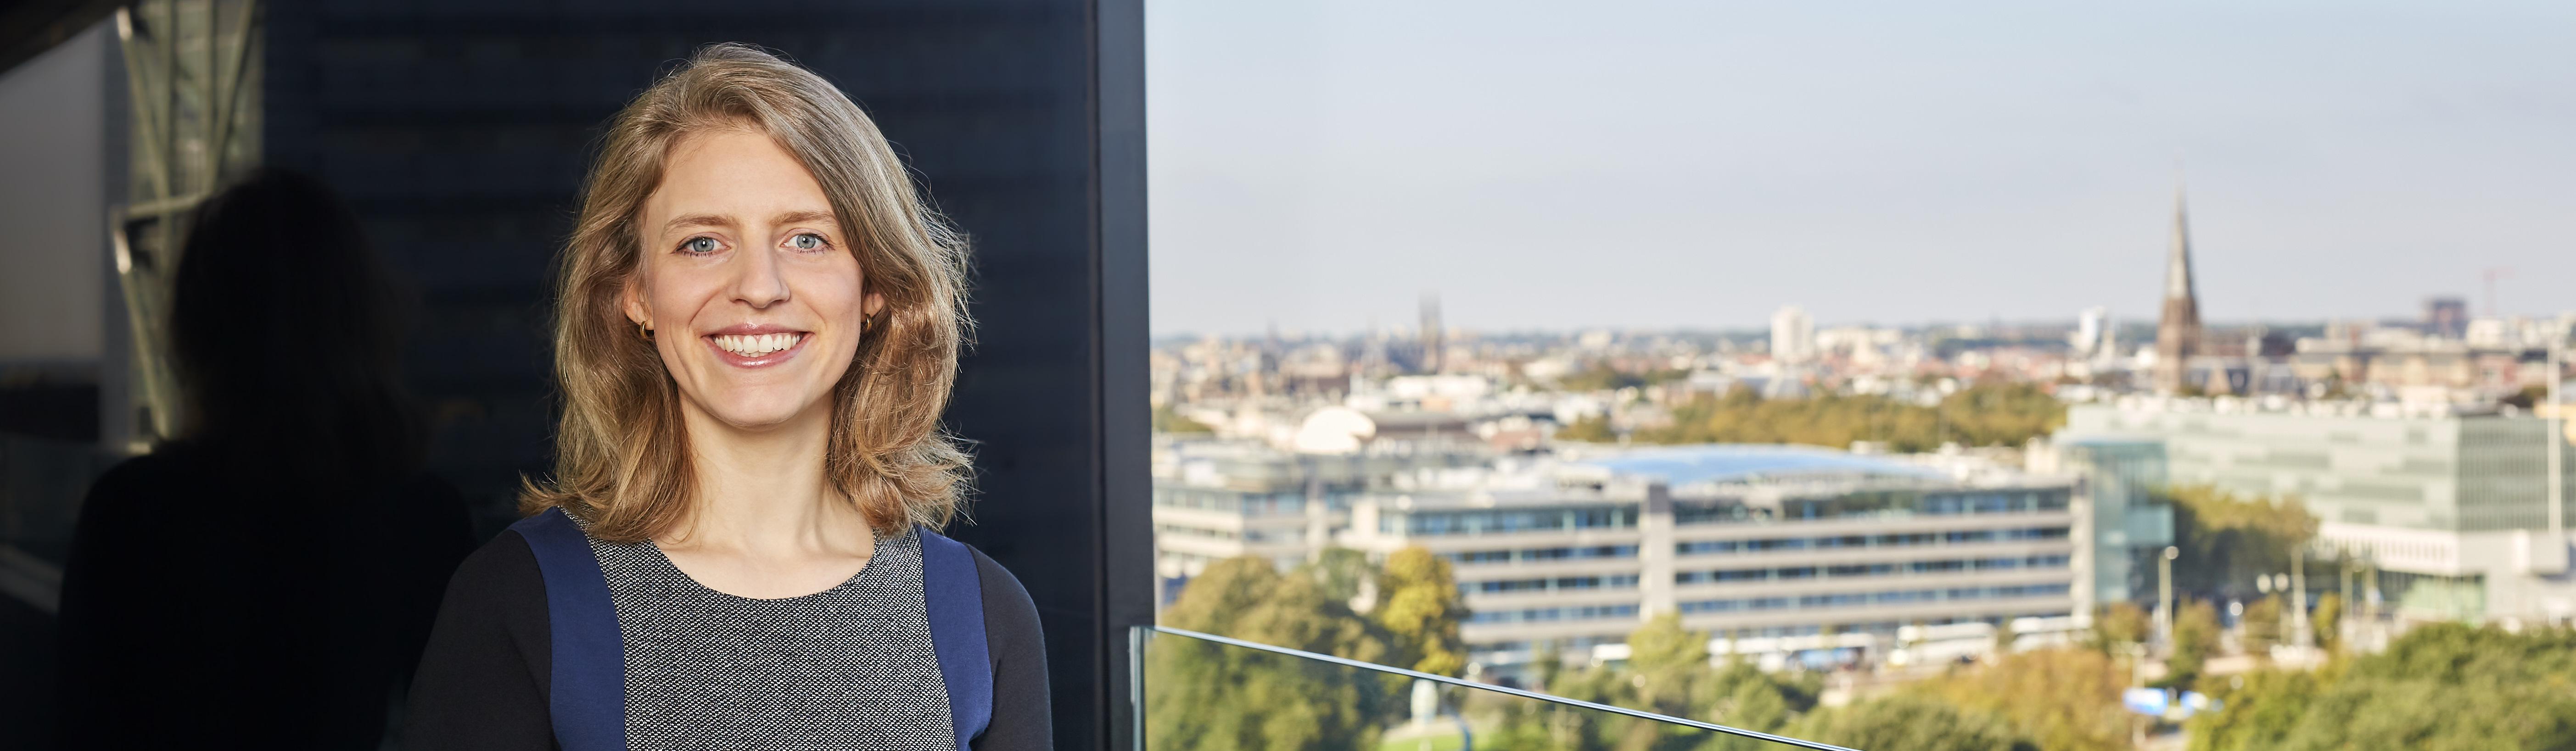 Marte van Graafeiland, advocaat Pels Rijcken